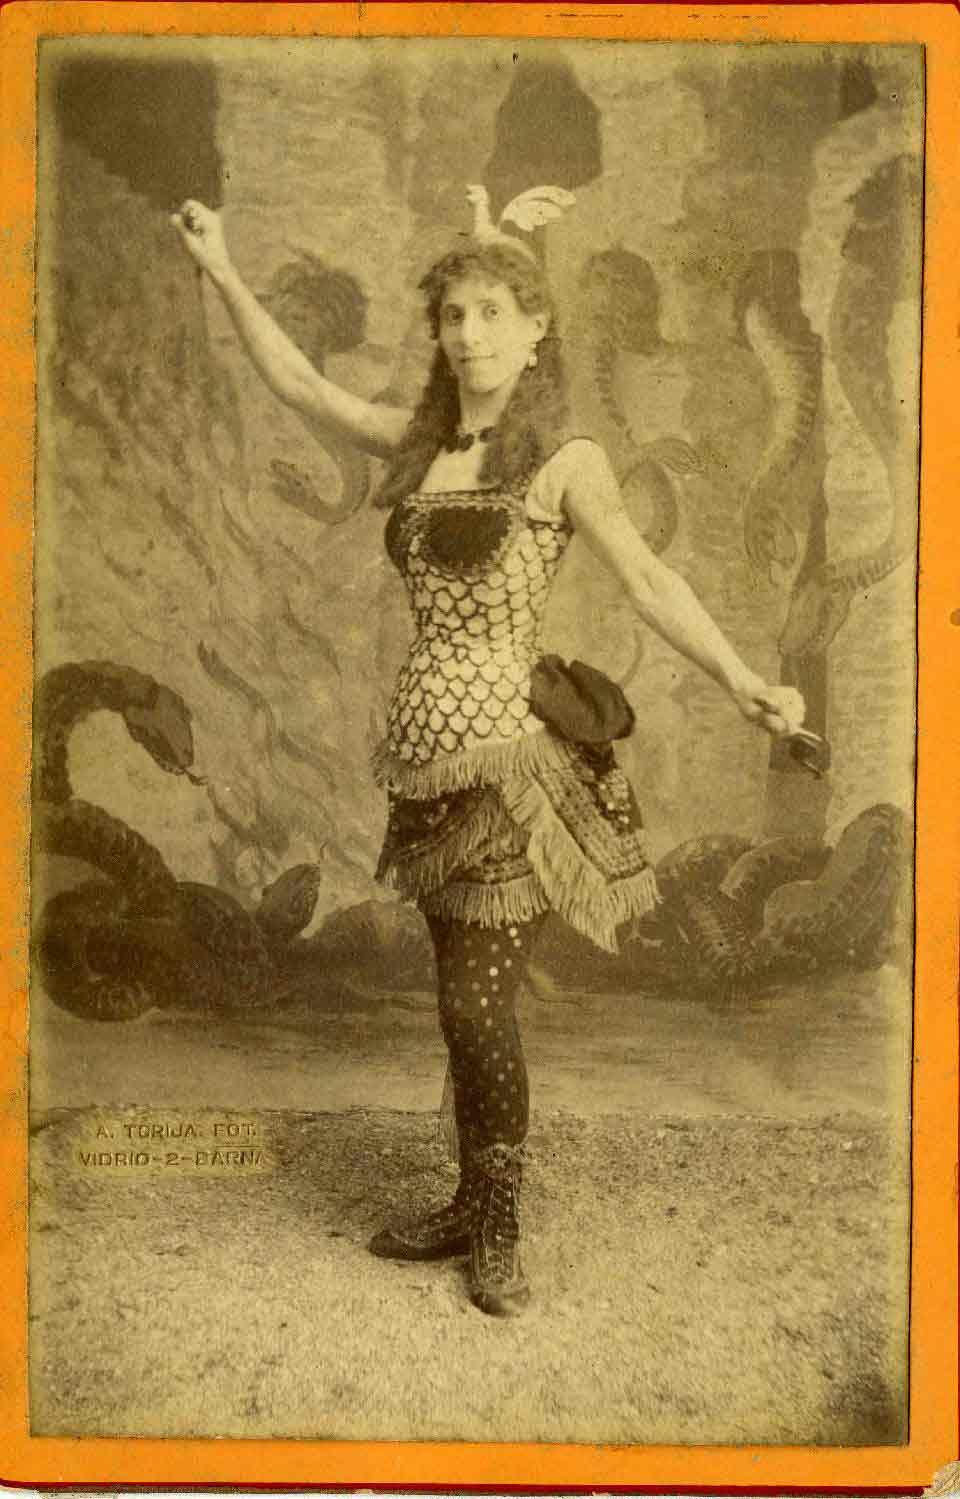 Fotografia d'estudi d'A.Torijos. Pauleta Pàmies a Lohókeli, representat al Teatre Tívoli el 1882